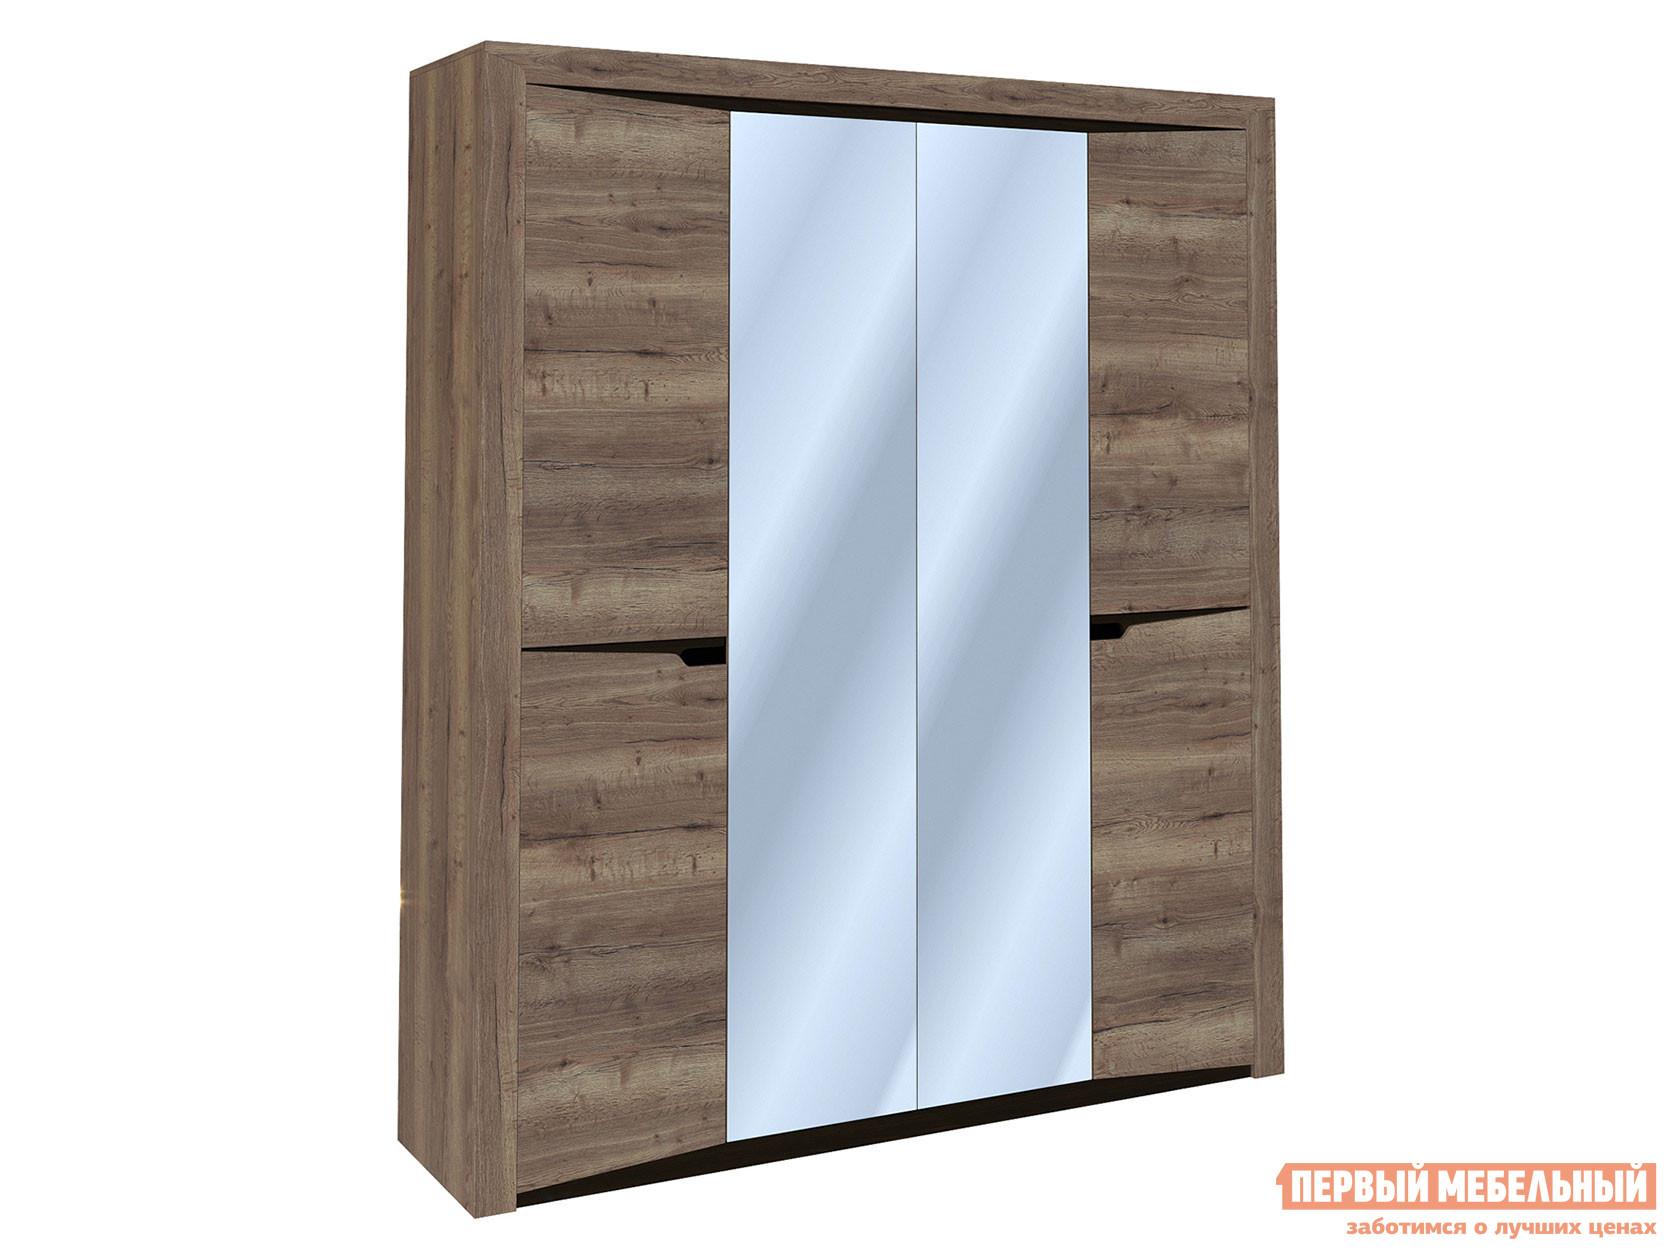 Шкаф 4-х дверный распашной Первый Мебельный Гарда 4-х дверный с зеркалом распашной шкаф с зеркалом первый мебельный шкаф 3 х дверный с зеркалом парма